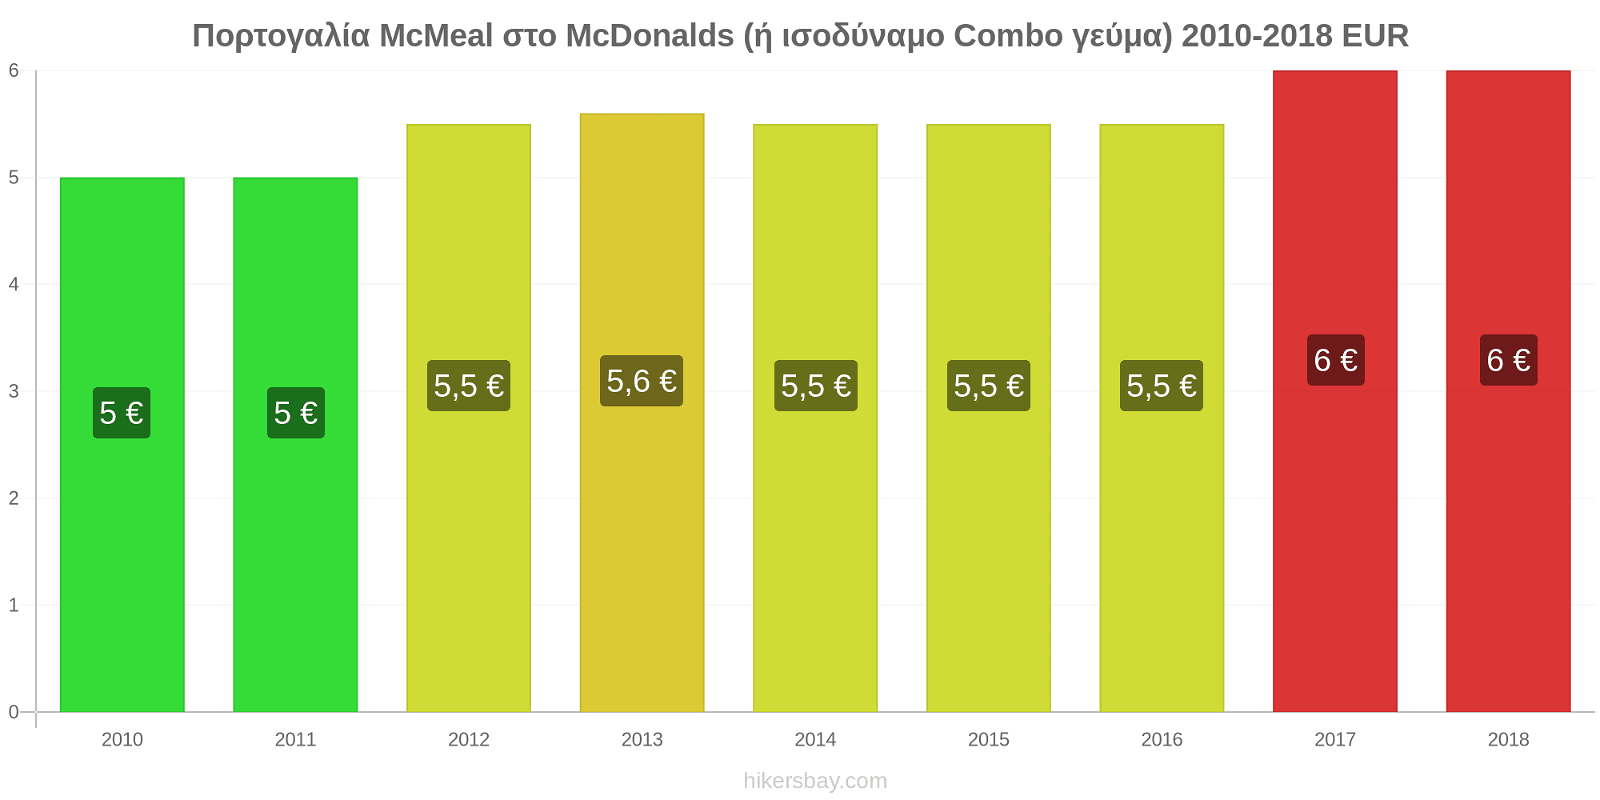 Πορτογαλία αλλαγές τιμών McMeal στο McDonalds (ή ισοδύναμο Combo γεύμα) hikersbay.com